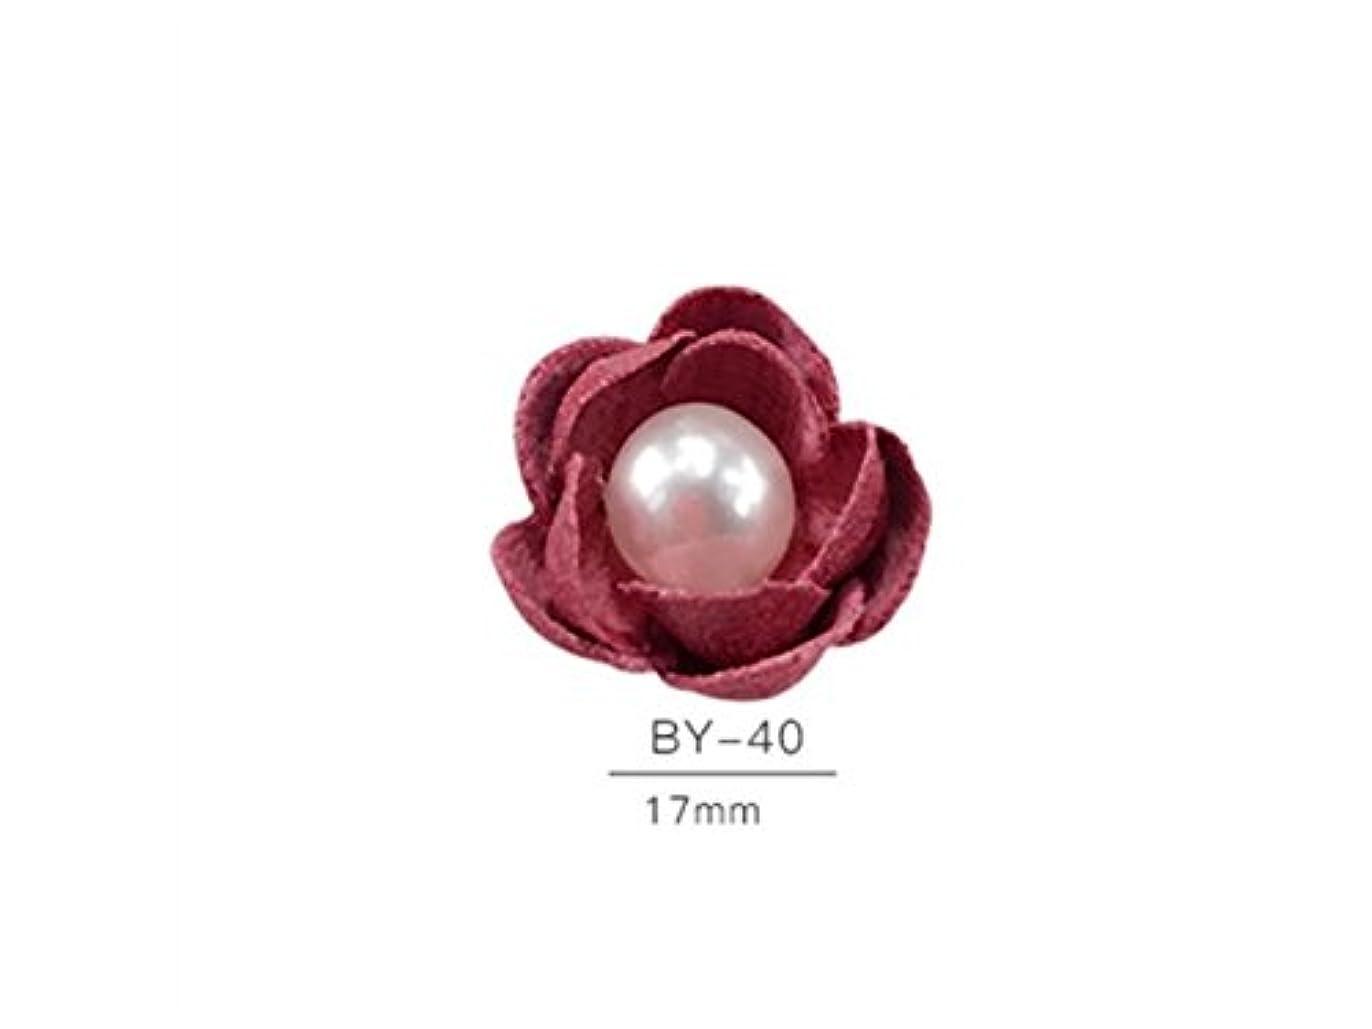 聞く証書別のOsize 2個のカラフルなネイルアート樹脂真珠の宝石類ファブリックネイルアートデコレーションネイルステッカー(赤)